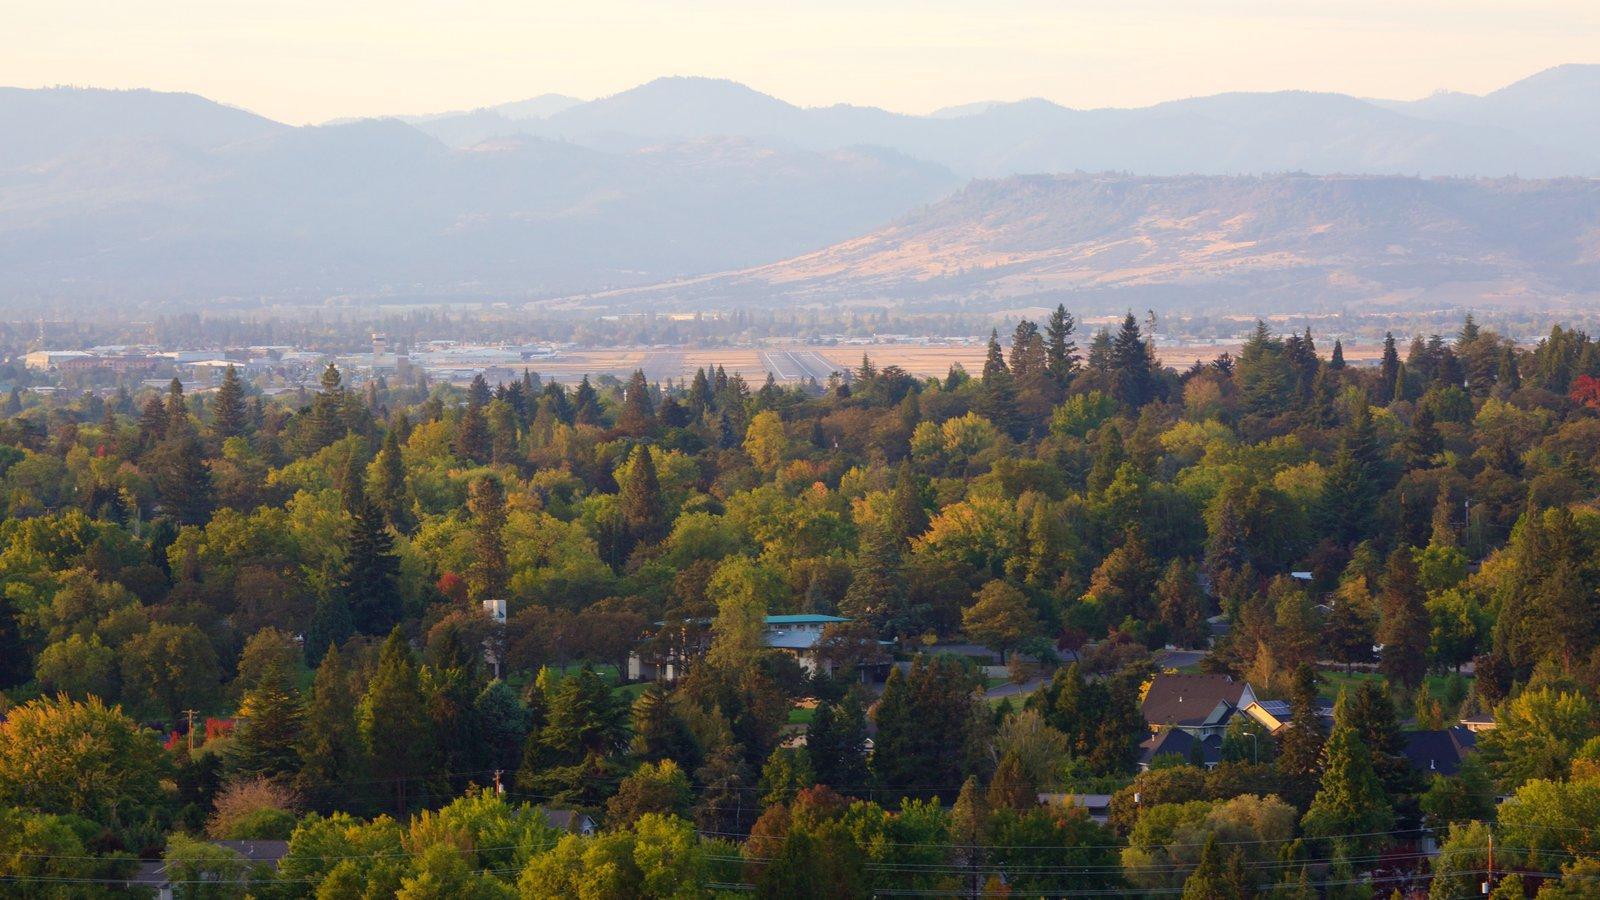 Medford mostrando vistas de paisajes y bosques